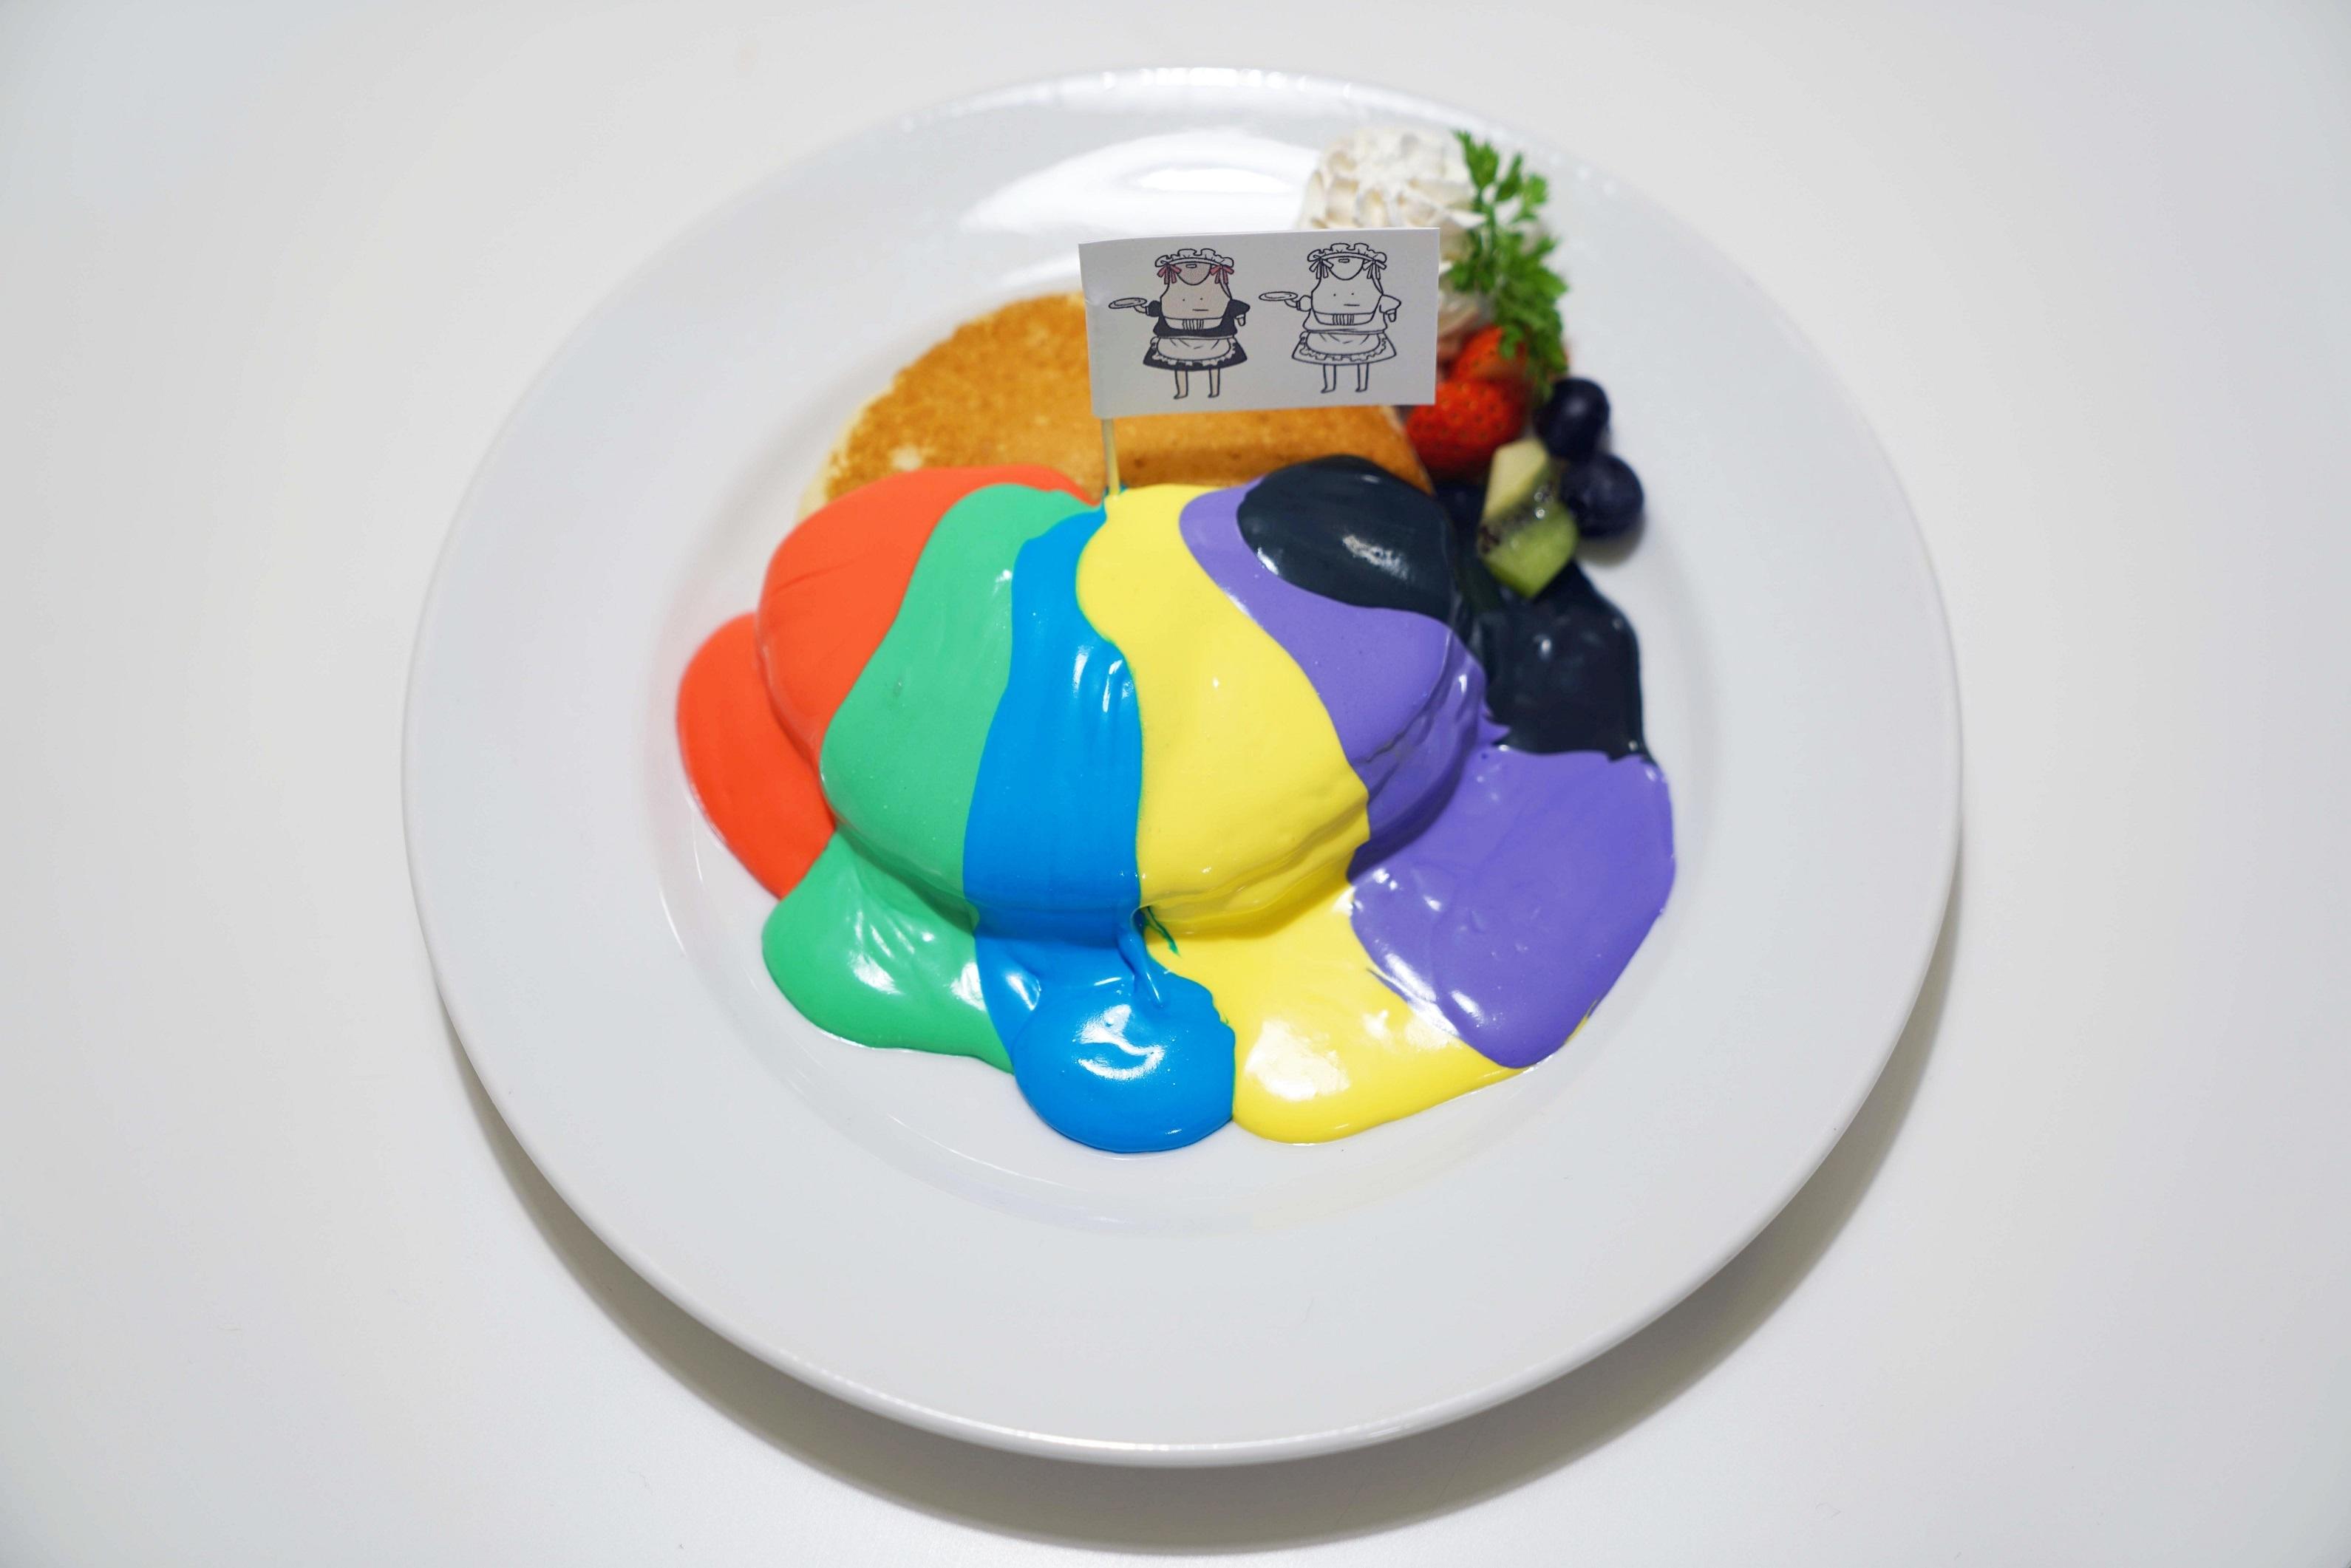 タンクトップくんレインボーパンケーキ